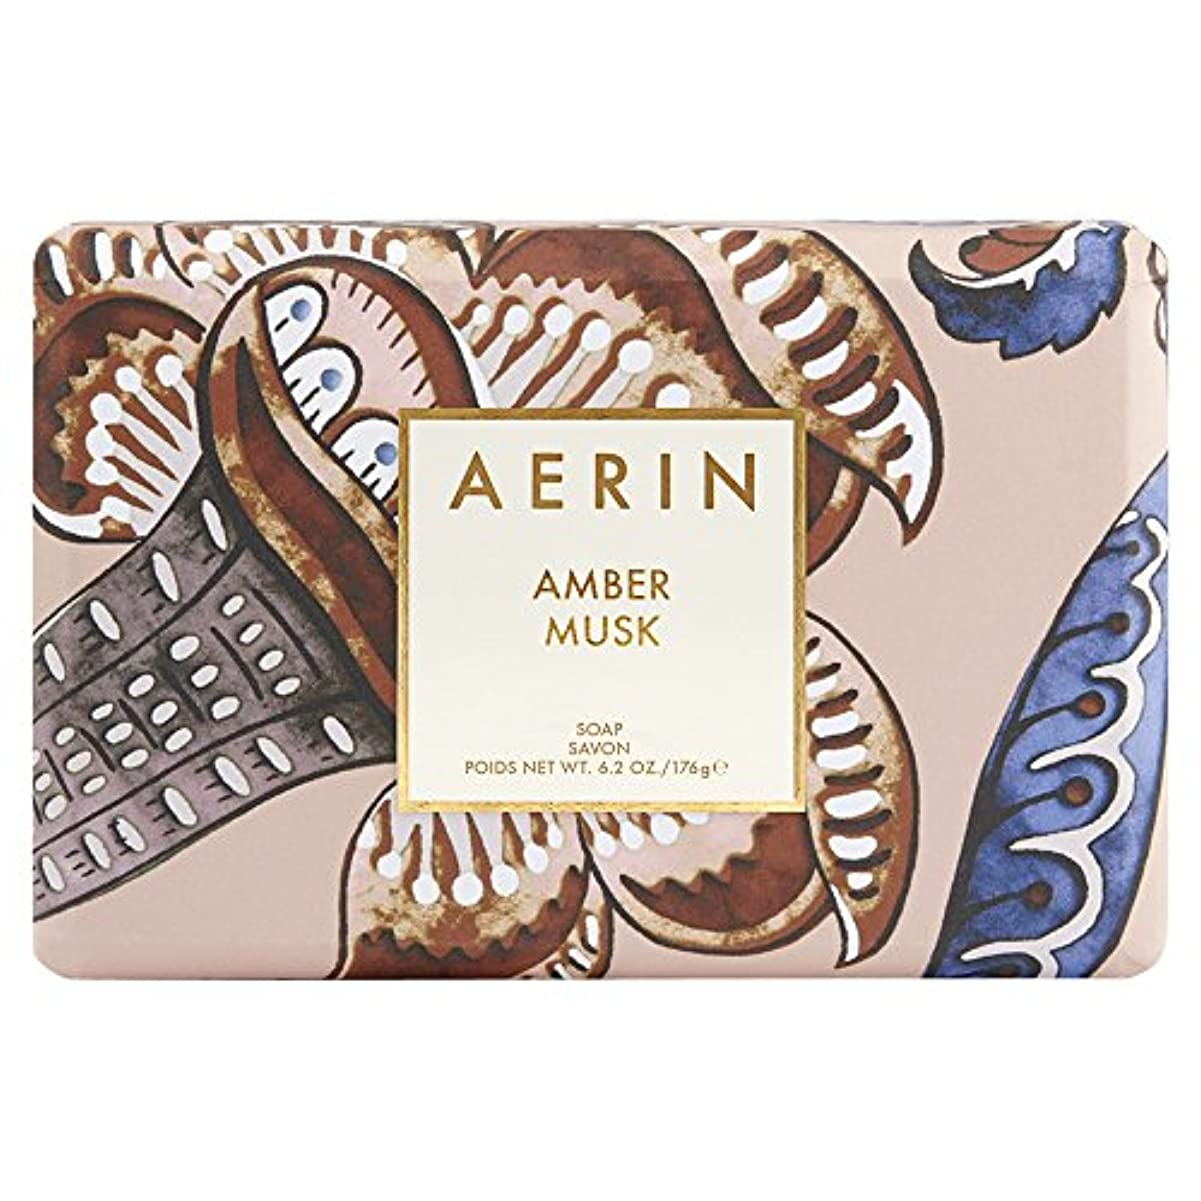 アイスクリームチーフ例示するAerinアンバームスクソープ176グラム (AERIN) (x6) - AERIN Amber Musk Soap 176g (Pack of 6) [並行輸入品]